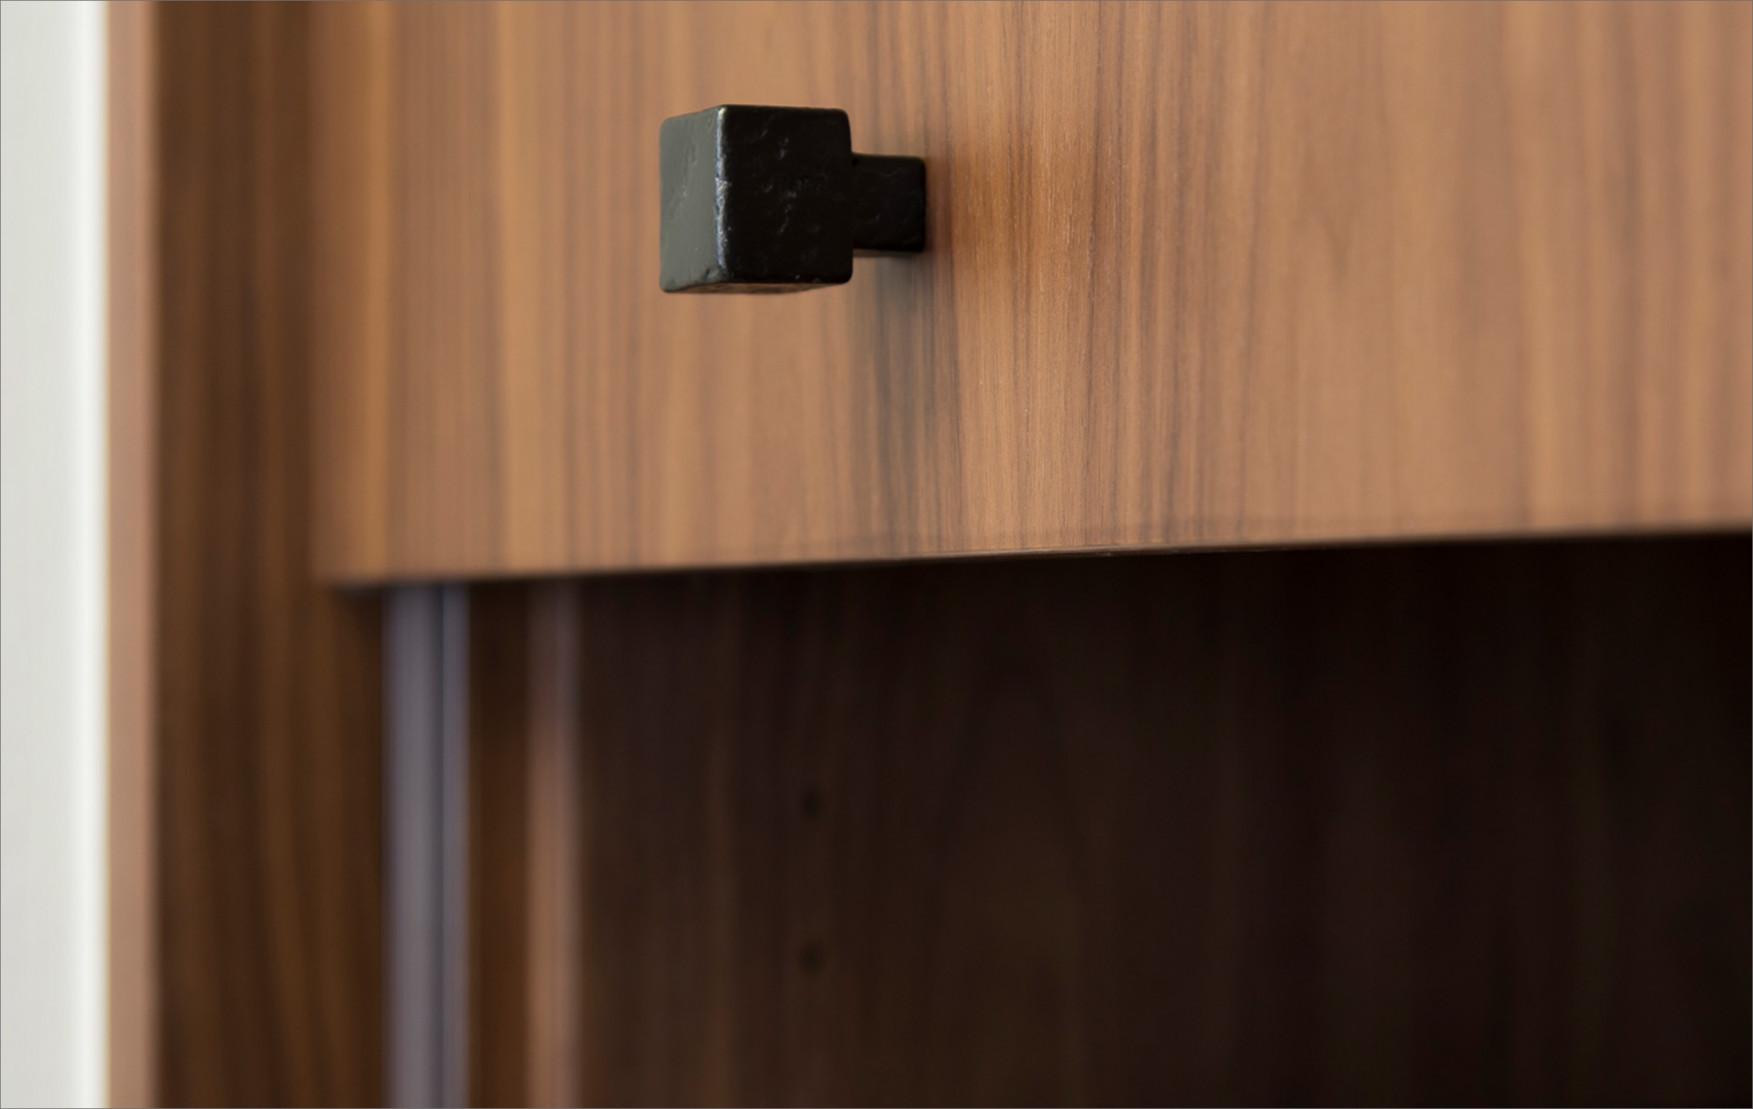 FrankTack_20200616_Afwerkingen3 De details maken de meubels